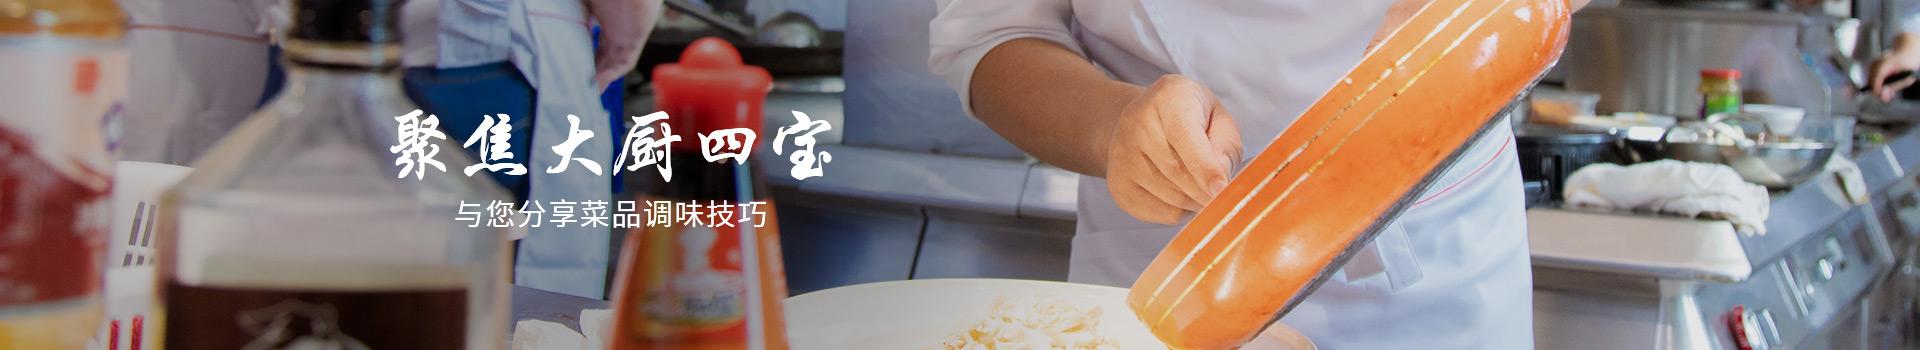 聚焦大厨四宝 与您分享菜品调味技巧